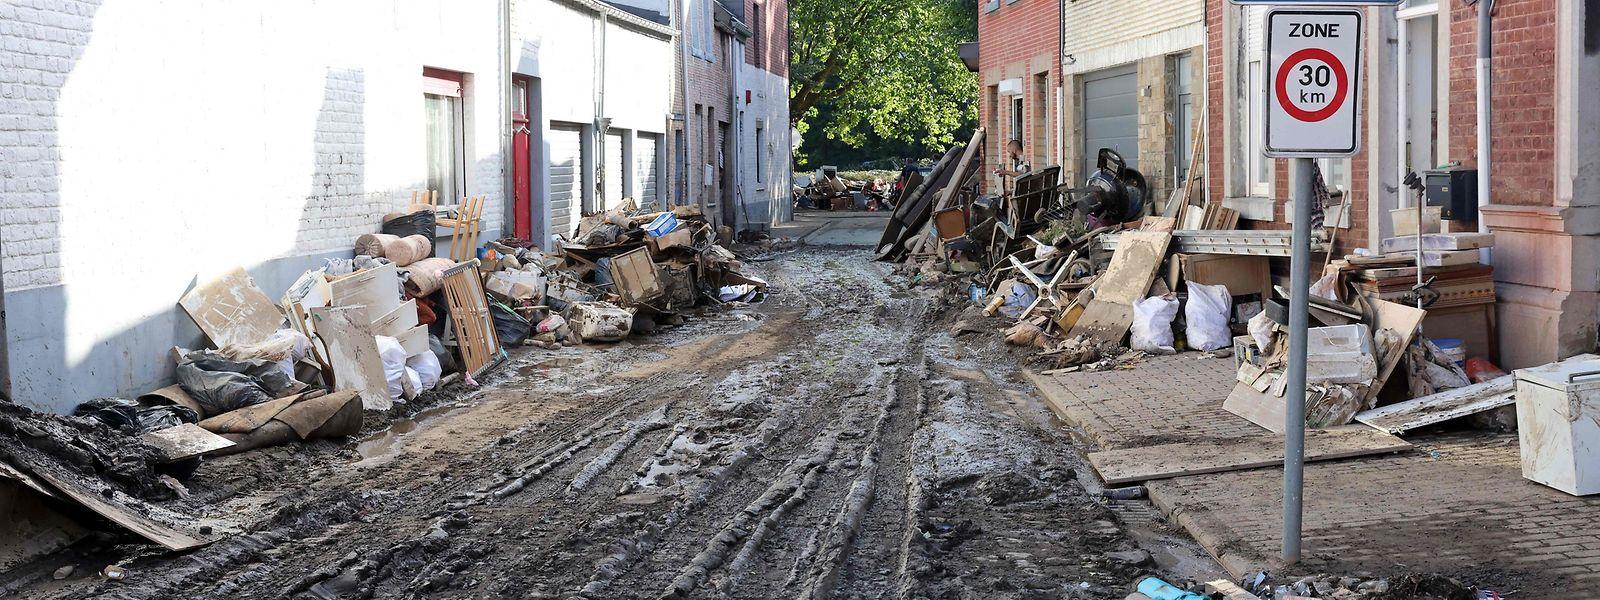 Sur les 36 décès recensés, 32 sont survenus en province de Liège, rapportent les autorités.